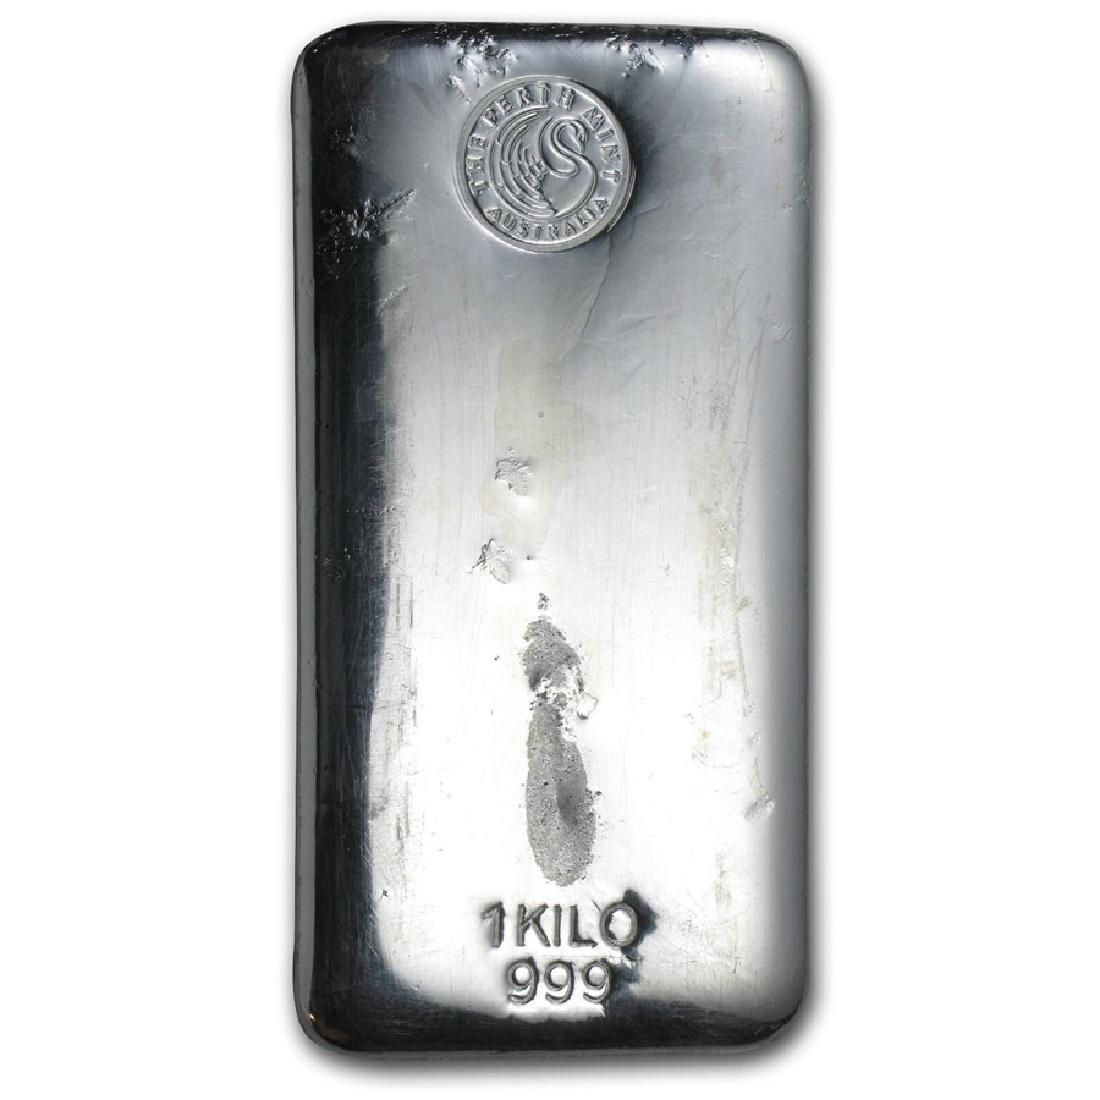 Genuine 1 kilo 0.999 Fine Silver Bar - Perth Mint - 2